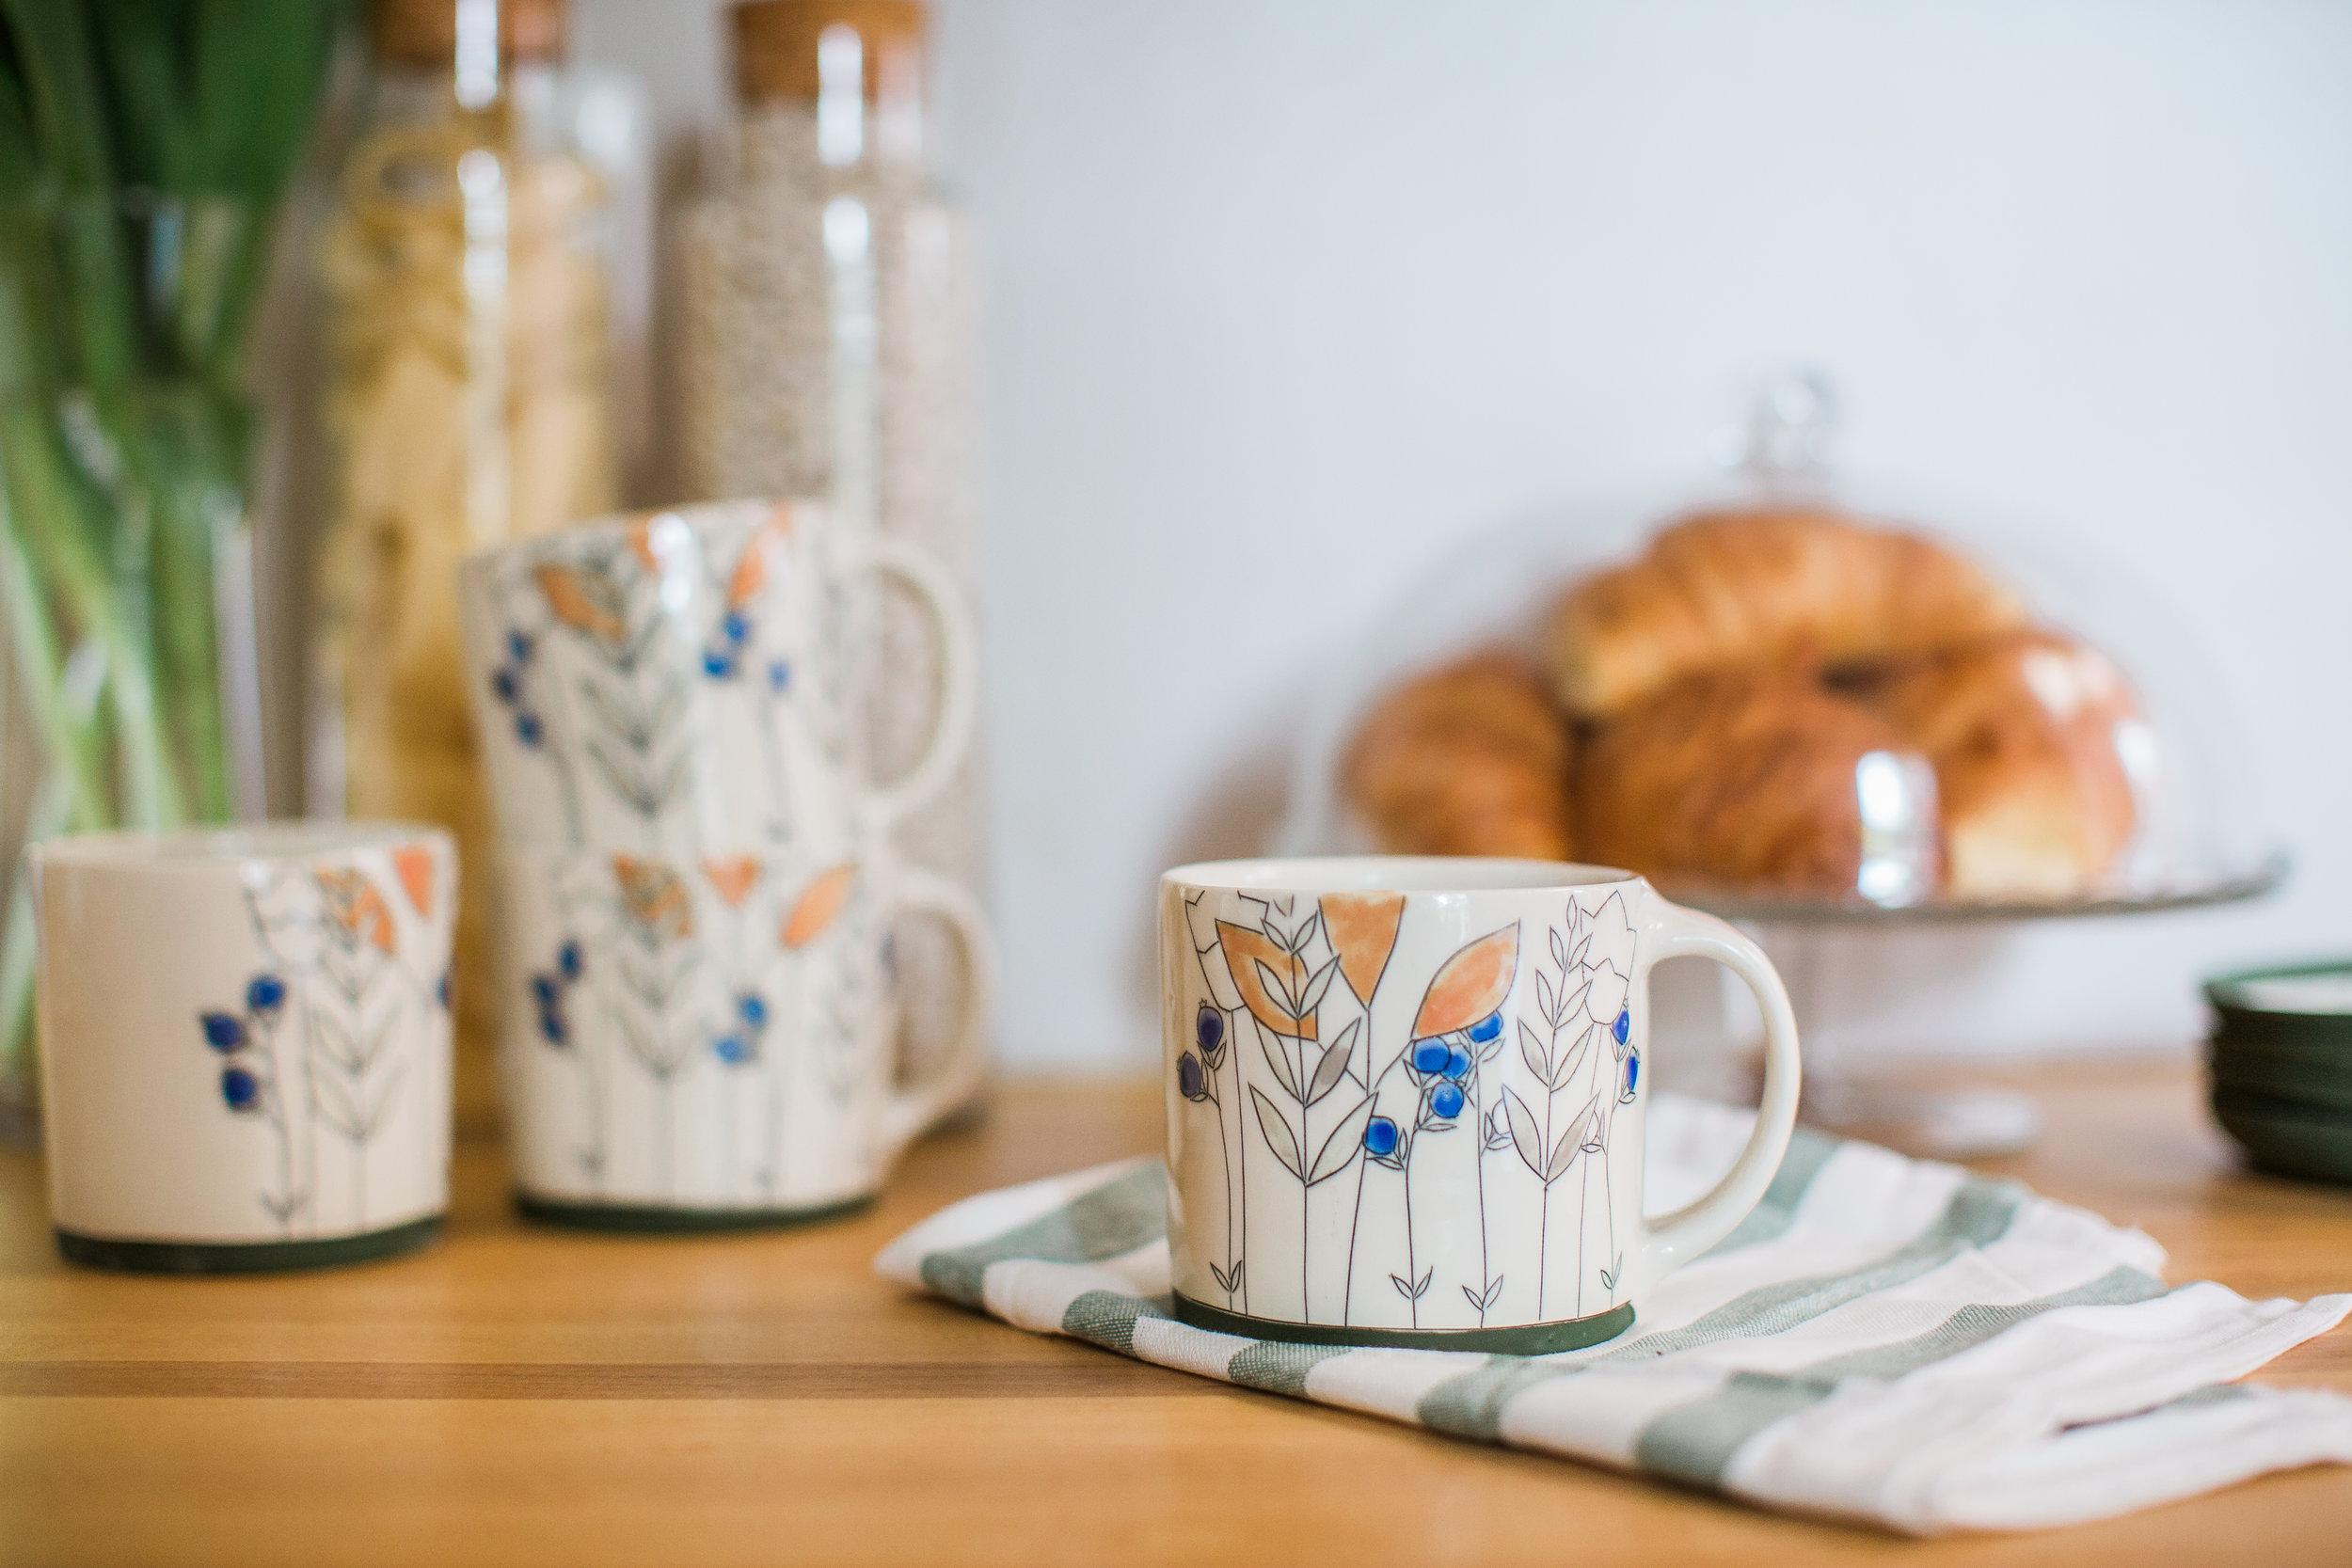 jenna_vanden_brink_ceramics-2.jpg